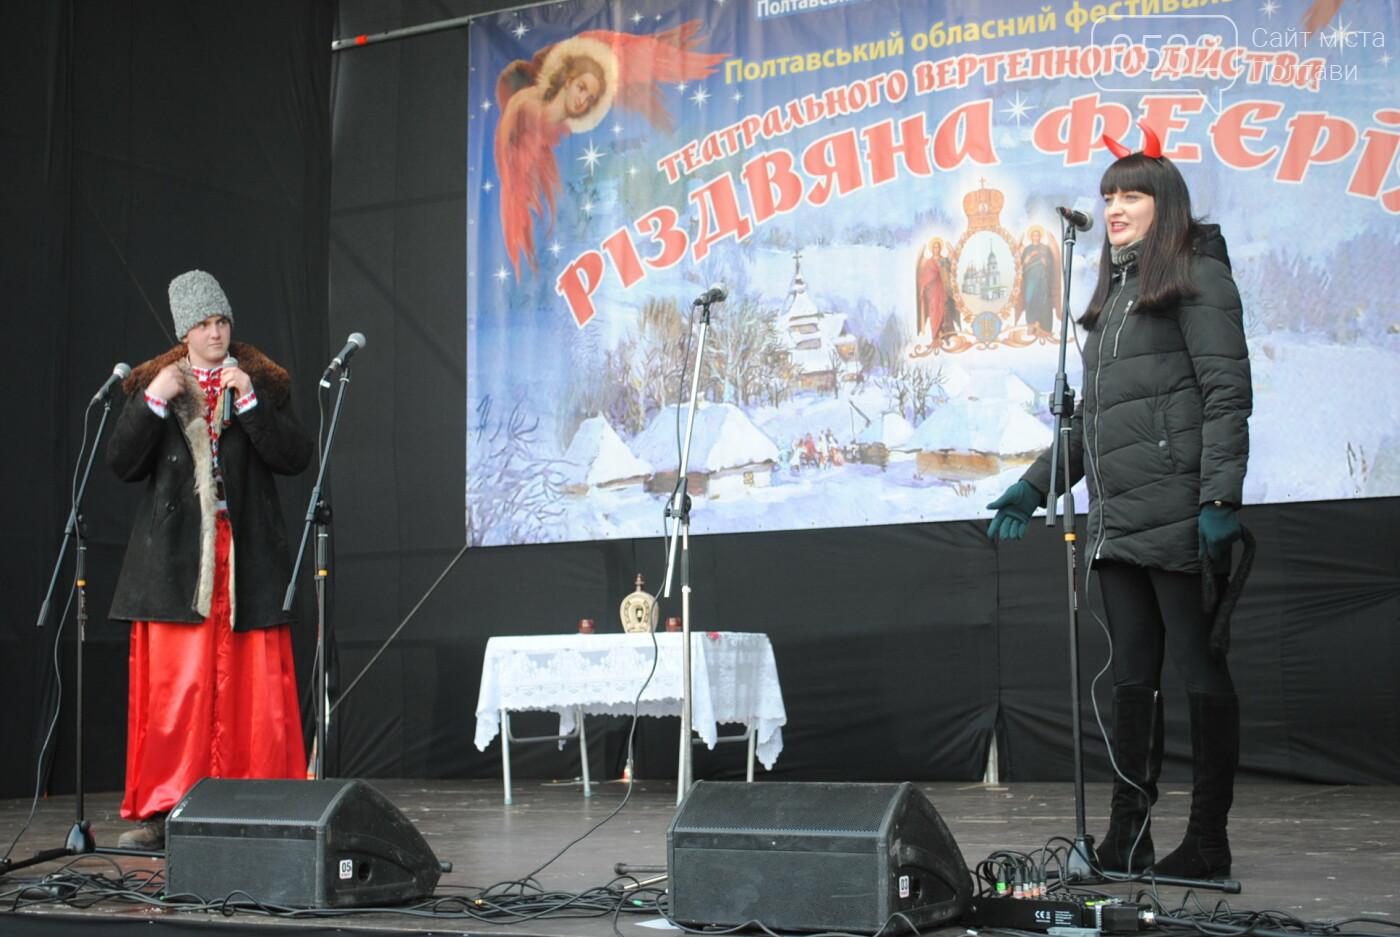 У Полтаві розгорнулося вертепне дійство з колядками та щедрівками «Різдвяна феєрія» (ФОТО), фото-36